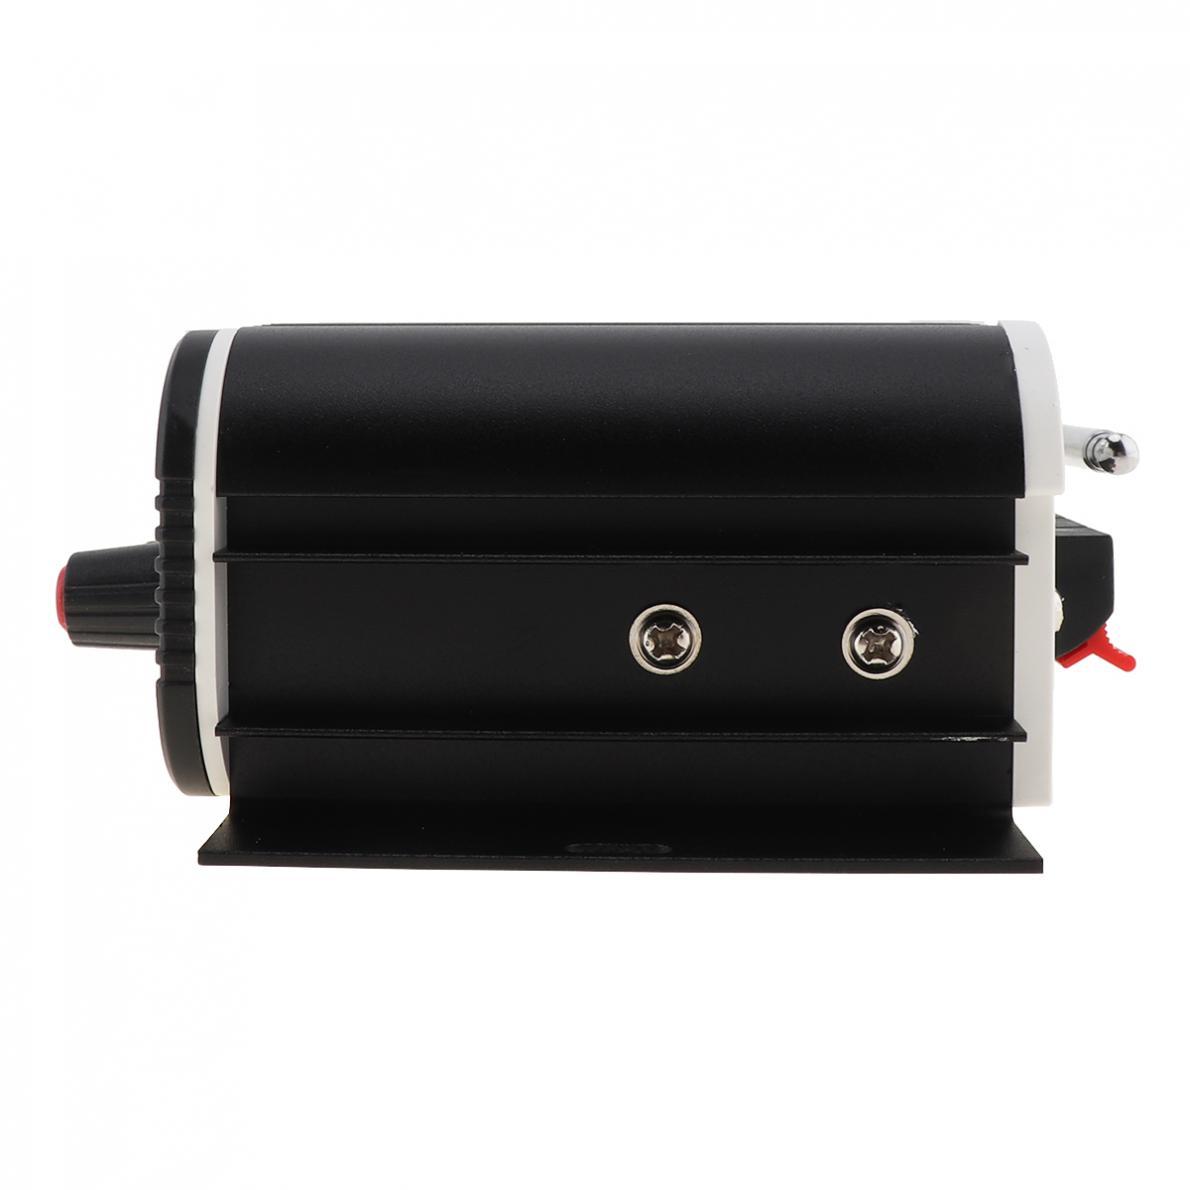 2CH-HI-FI-Bluetooth-Car-Audio-Amplifier-FM-Radio-SD-USB-MP3-Player-Home-Amp thumbnail 12